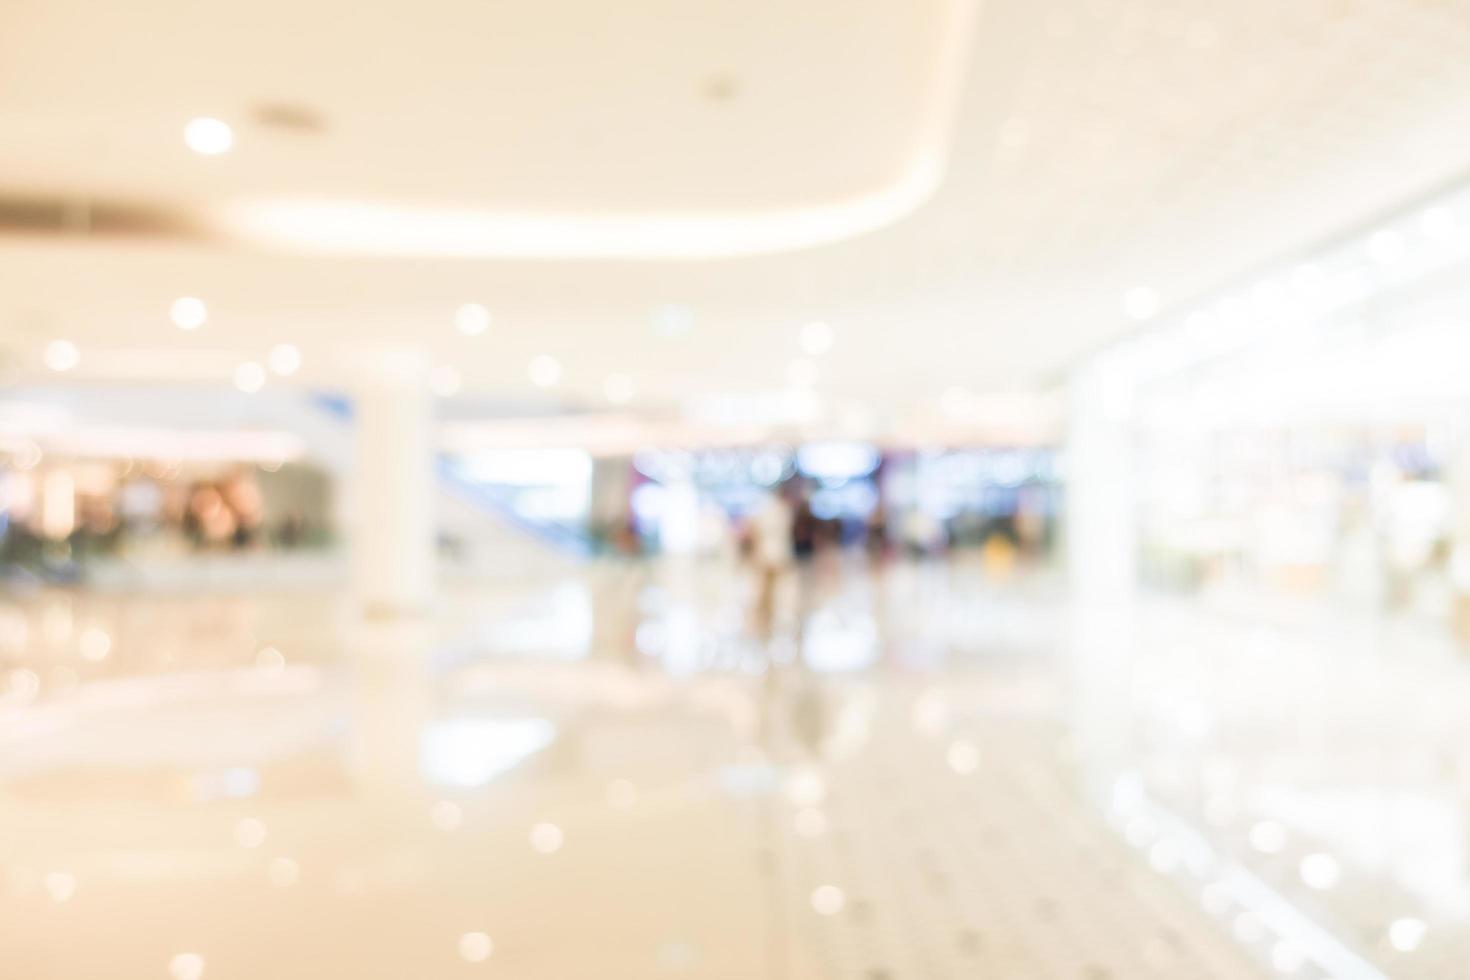 interior del centro comercial desenfocado abstracto foto